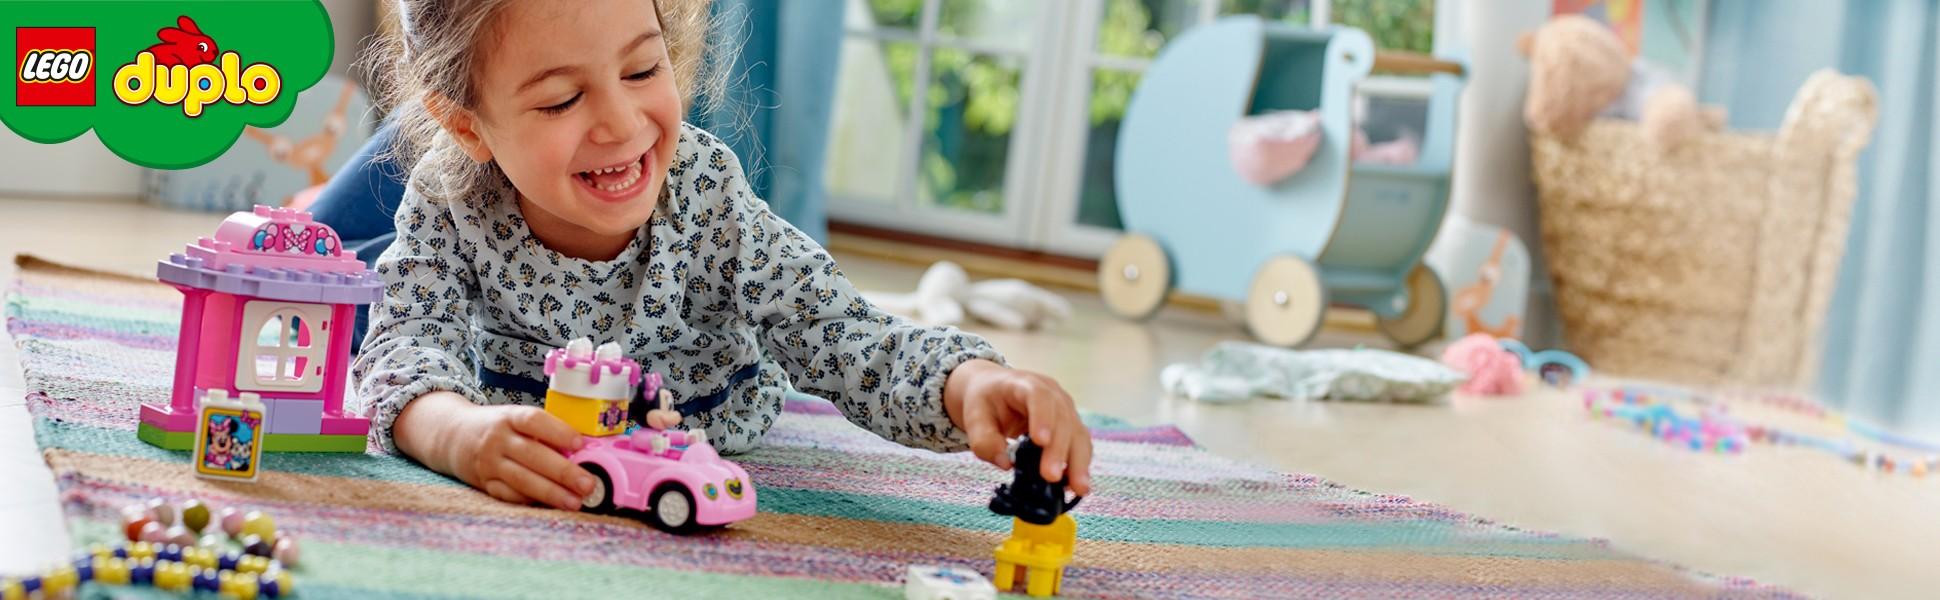 Mädchen spielt mit Duplo